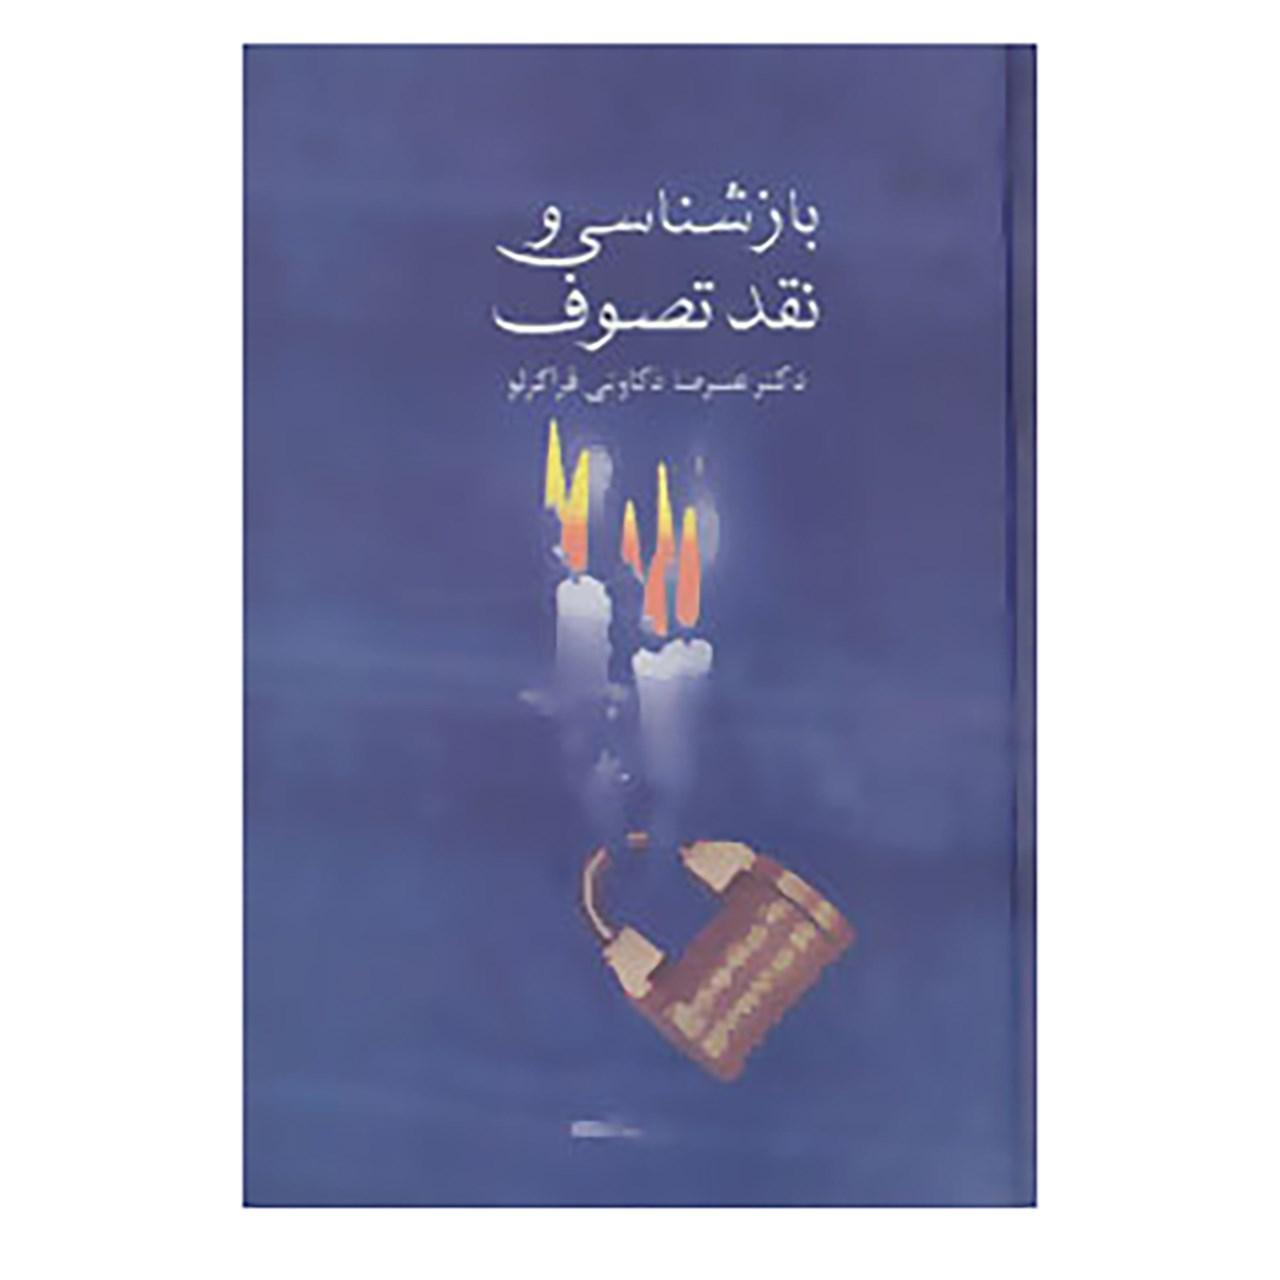 خرید                      کتاب بازشناسی و نقد تصوف اثر علیرضا ذکاوتی قراگزلو